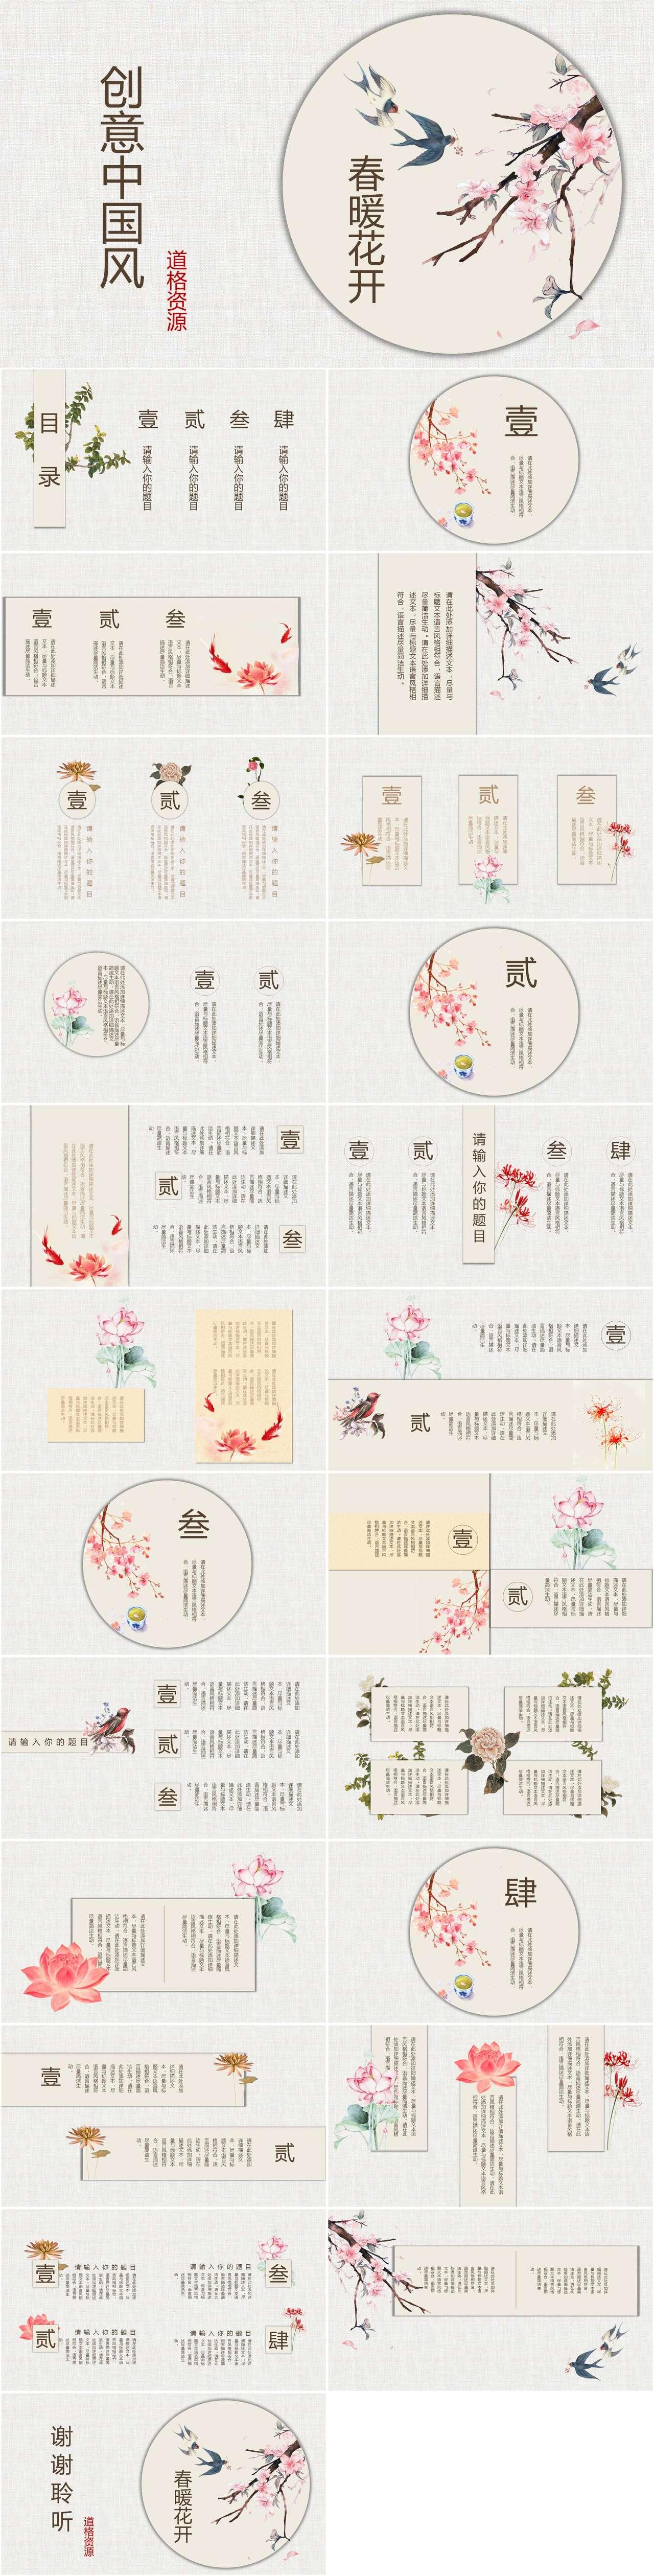 创意中国风复古花卉文艺动态PPT模板插图1